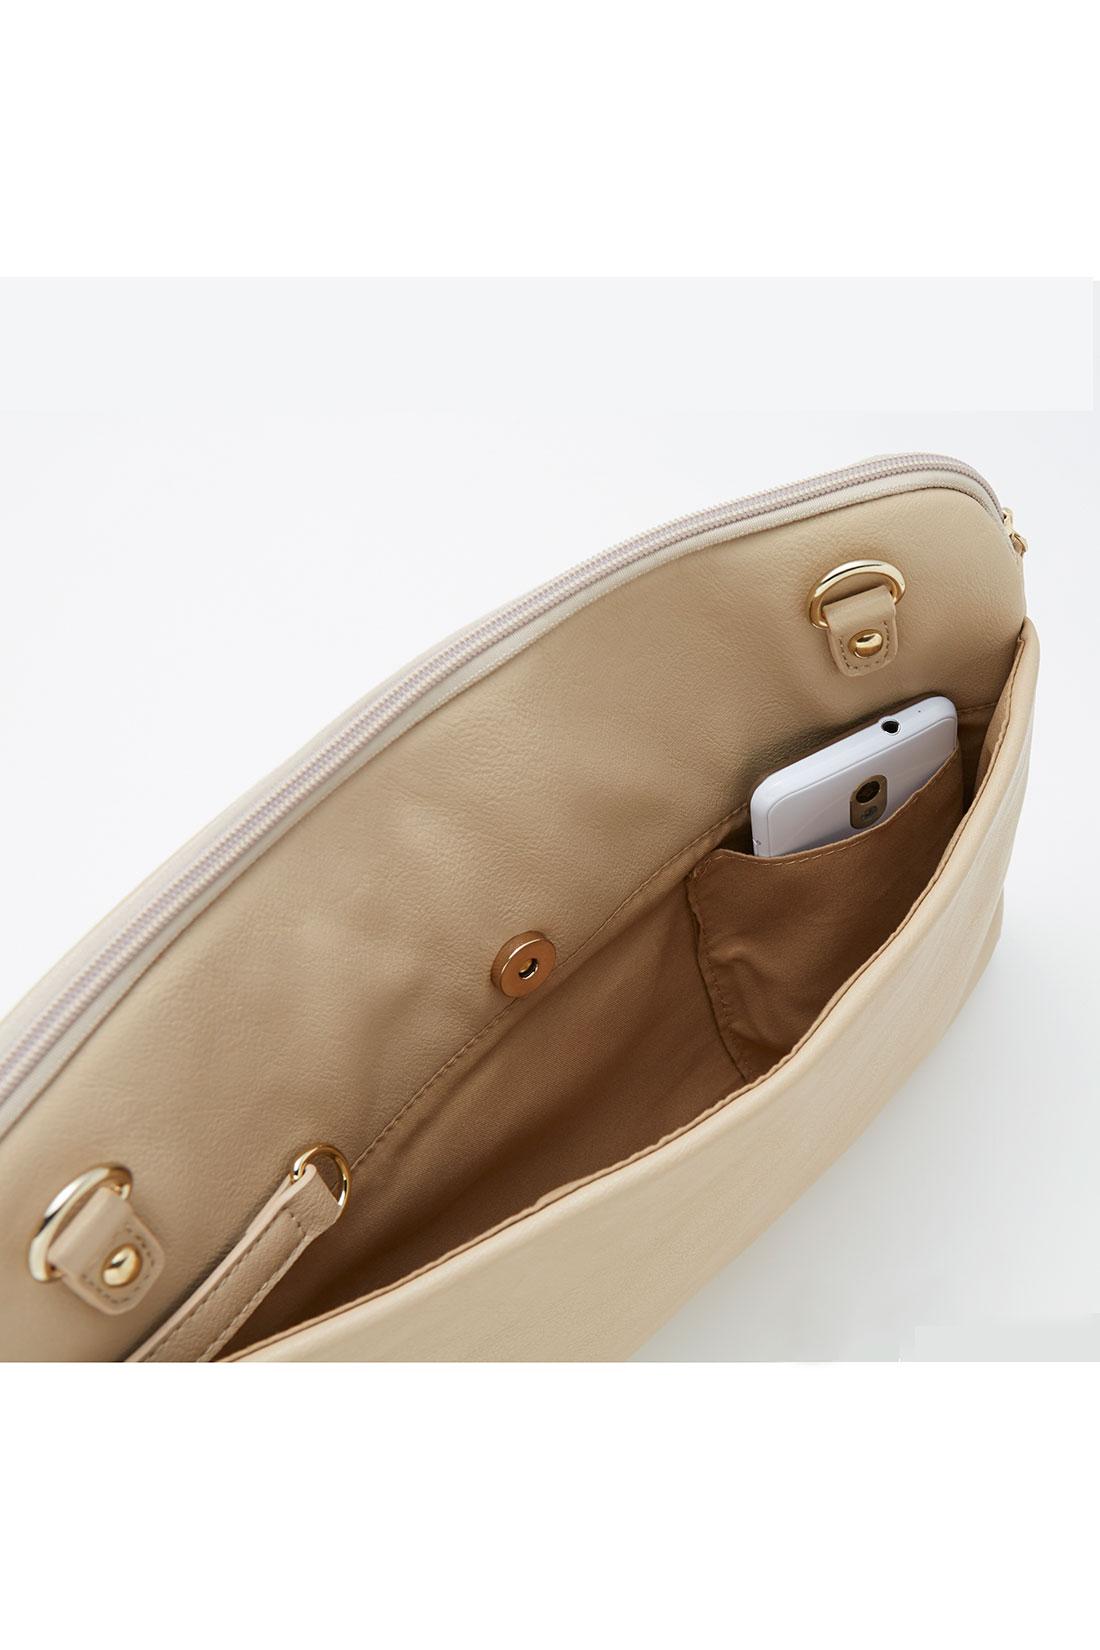 スマートフォンが入るポケットを外側に。一番取り出す頻度が多いから、取り出しやすい位置にこだわりました。